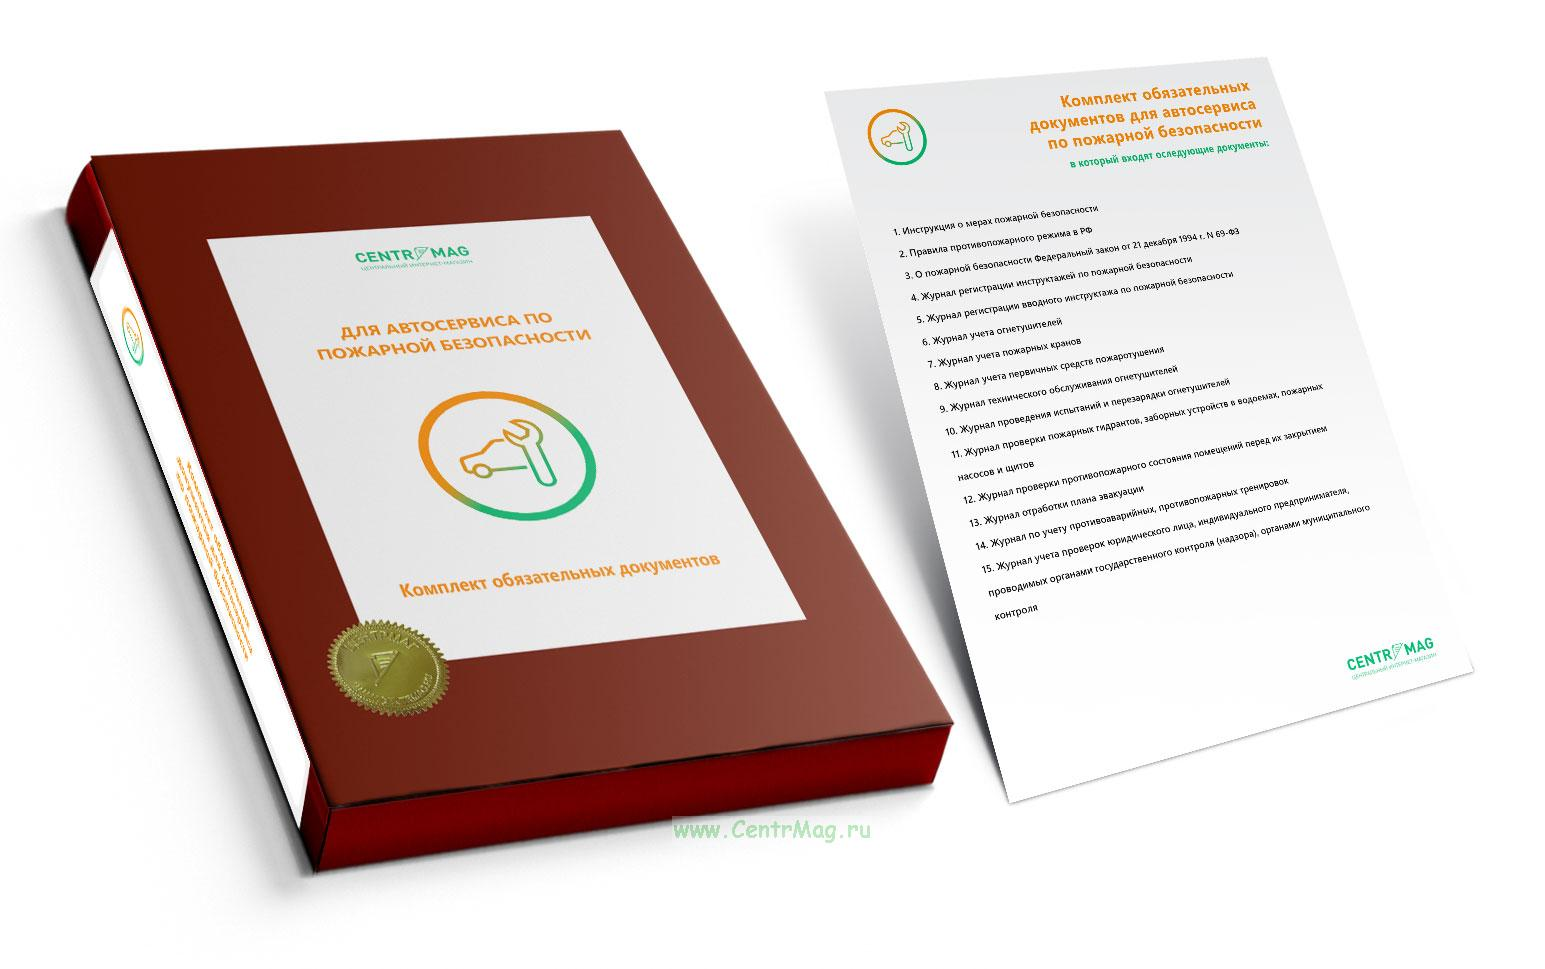 Комплект обязательных документов для автосервиса по пожарной безопасности 2020 год. Последняя редакция